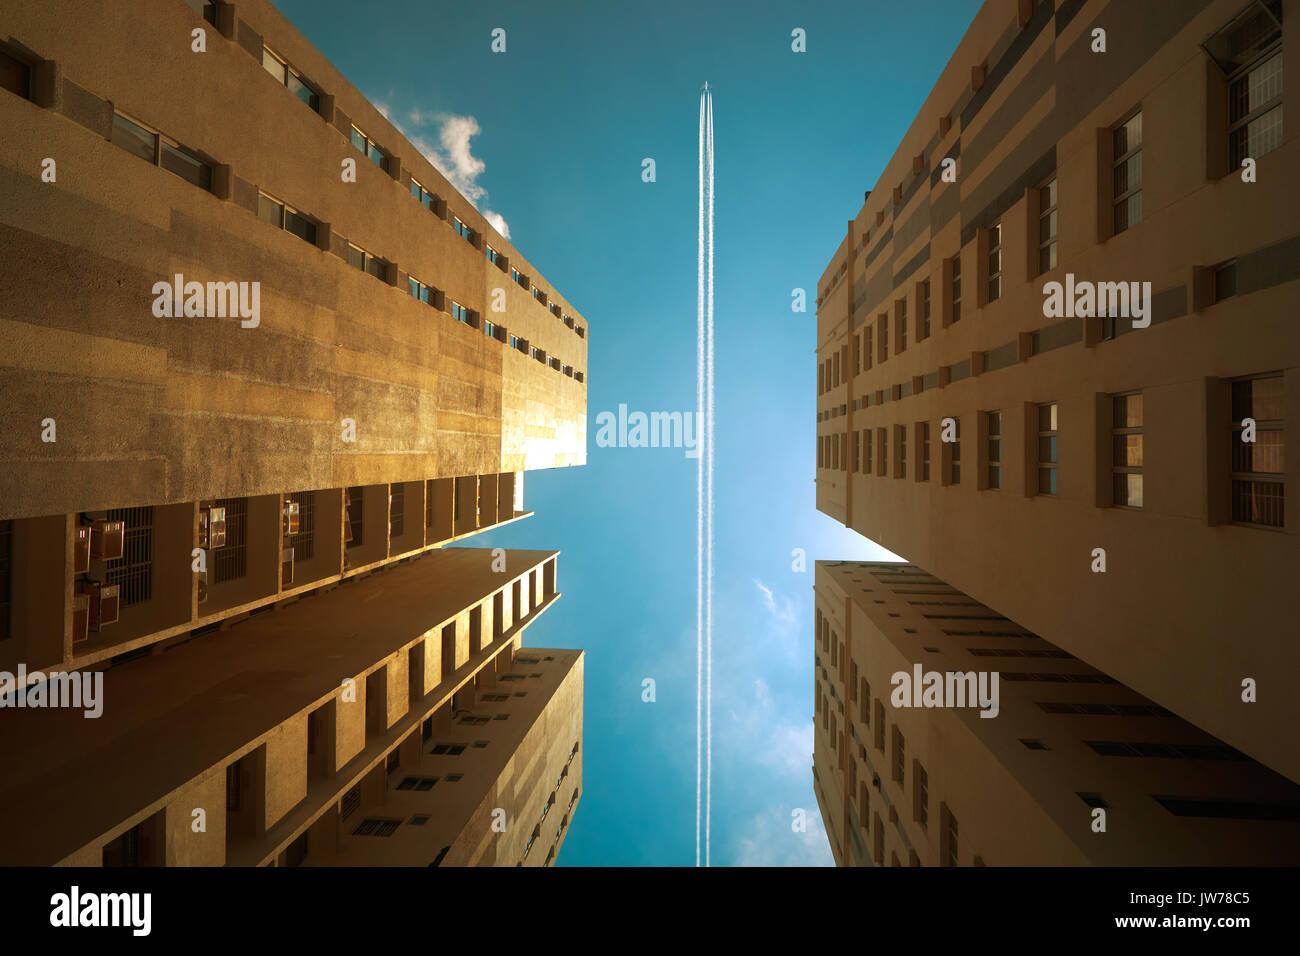 Flugzeug Kondensstreifen gegen den klaren, blauen Himmel mit abstrakten Low Angle View der Gemeinsamen modernen business Wolkenkratzer. Stockbild